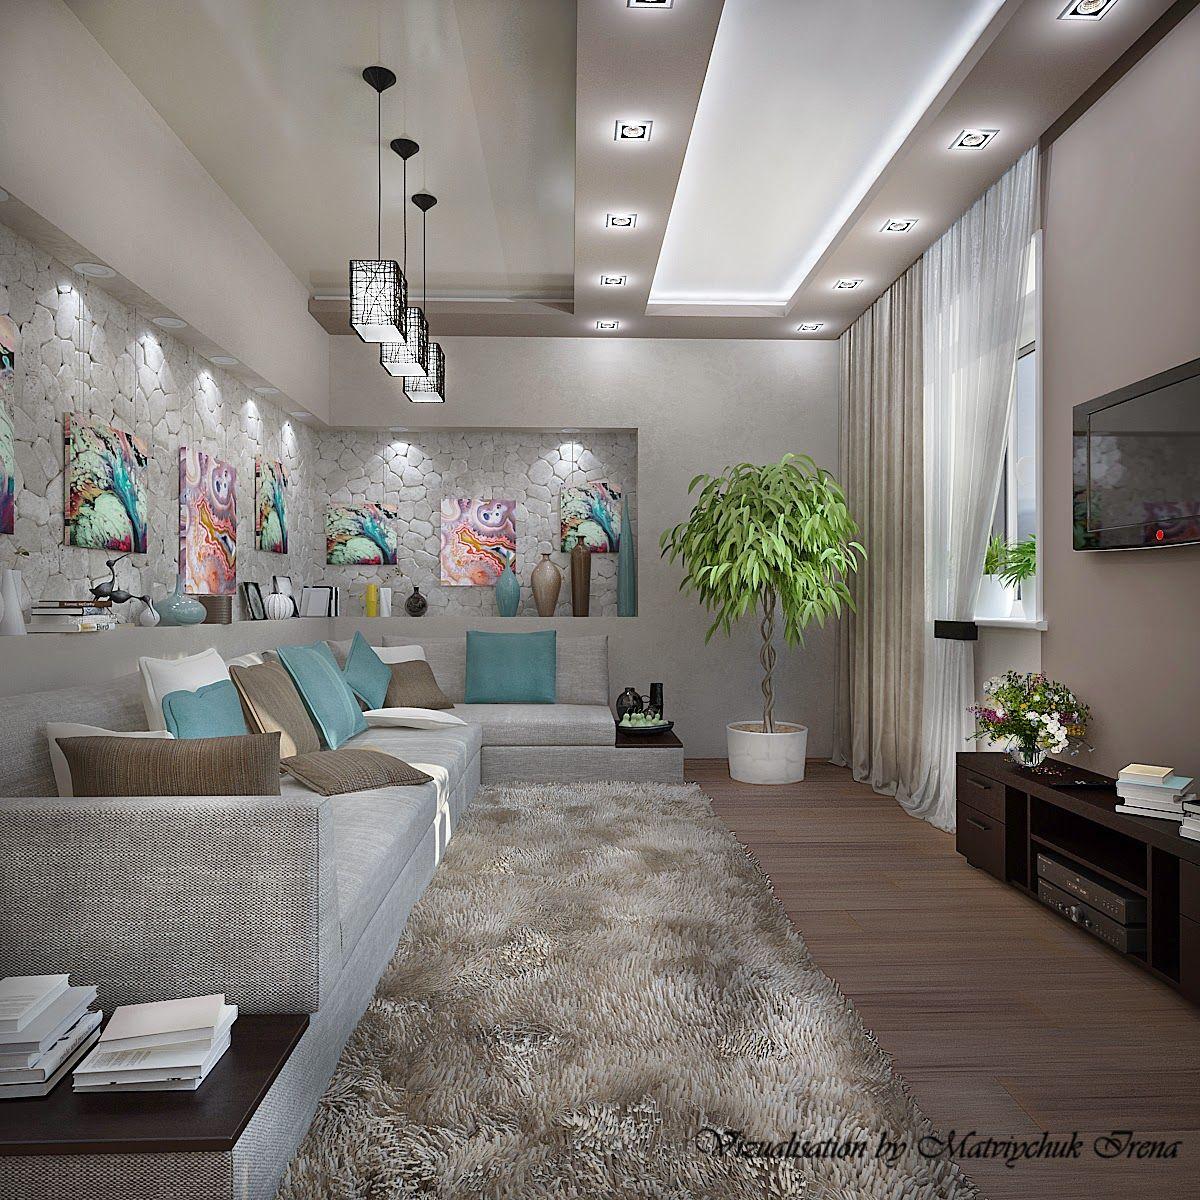 Innenarchitektur für wohnzimmer für kleines haus Интерьер  wohnzimmeresszimmer  pinterest  wohnzimmer und esszimmer